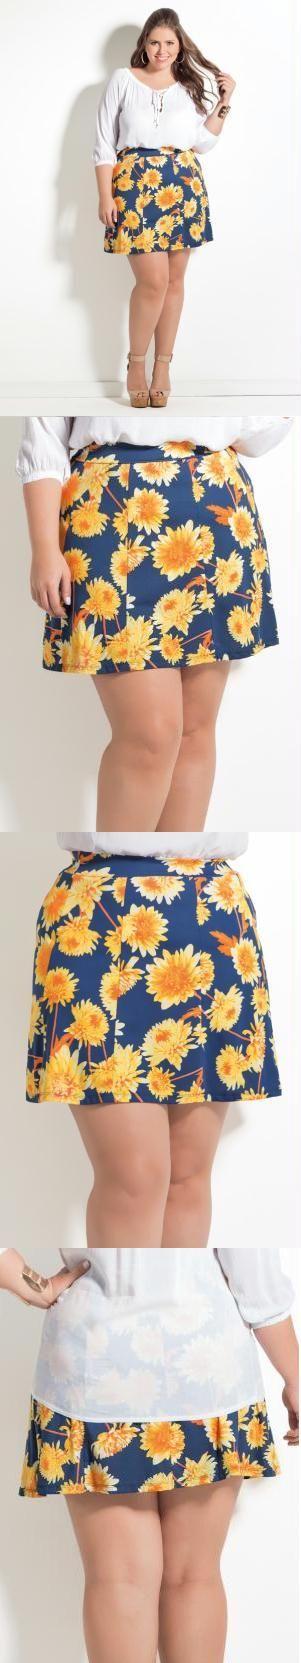 Saia Quintess Plus Size. Super charmosa, essa saia com modelagem evasê vai deixar suas produções femininas e moderninhas! A estampa de floral é uma das queridinhas da atualidade, que tem cores vibrantes e faz da peça o destaque do look. Combine-a com blusas de cores únicas ou camisa jeans, fica lindo! A modelagem evasê fica linda com blusas soltinhas ou mais ajustadas. Escolha sua preferida e crie looks incríveis!  Material: 94% Poliéster, 6% Elastano. Cintura: Alta. Comprimento: Micro.